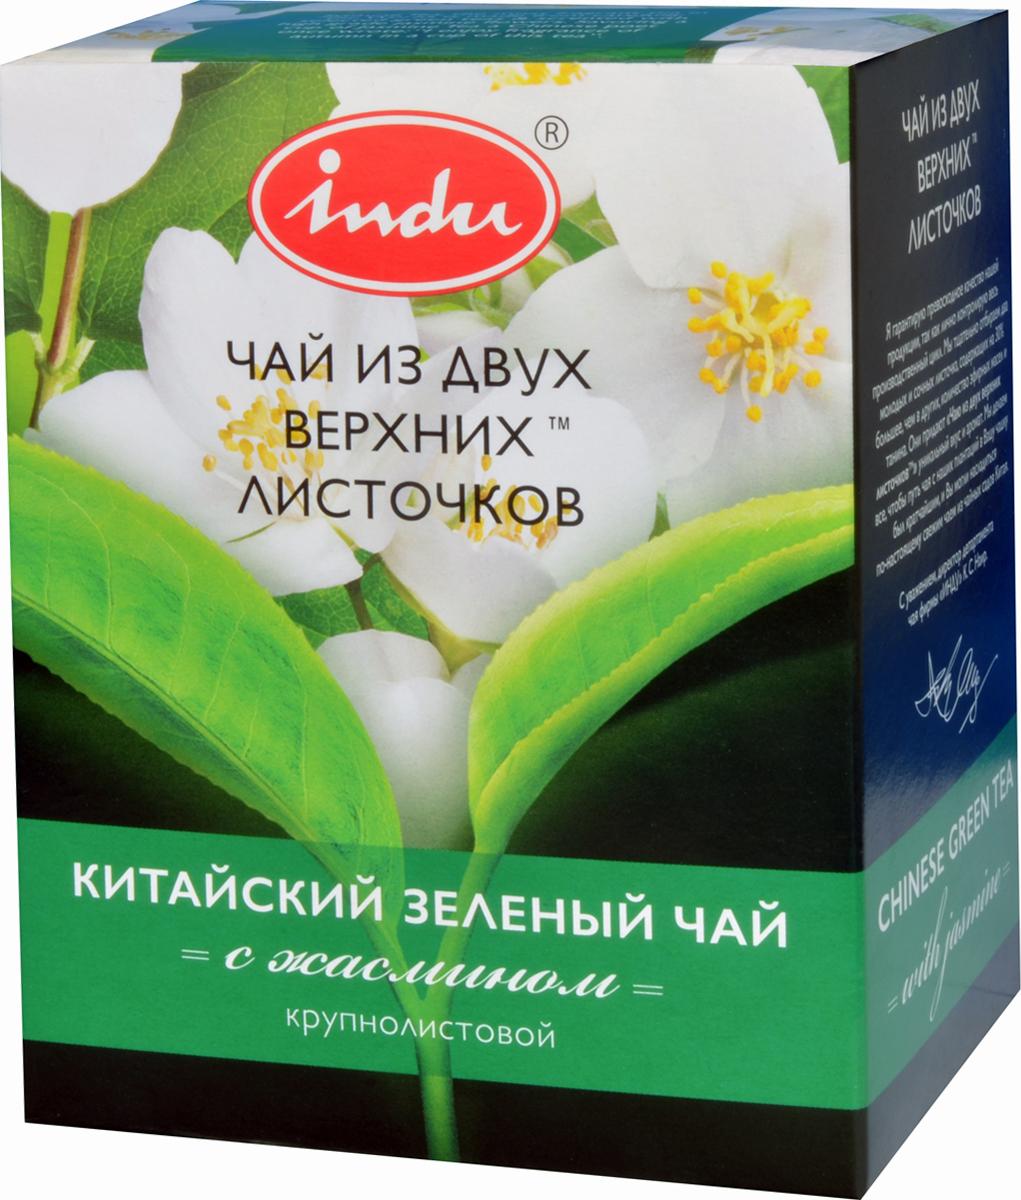 Indu Китайский зеленый листовой чай с жасмином, 90 гTTL-GCH-197Благоухающий аромат зеленого китайского чая Indu с жасмином покоряет любителей этого напитка по всему миру. Он приготовлен из бережно собранных листочков чая и цветков жасмина. Китайский поэт писал: Наслаждаюсь благоуханием осени в чашке этого чая.Всё о чае: сорта, факты, советы по выбору и употреблению. Статья OZON Гид